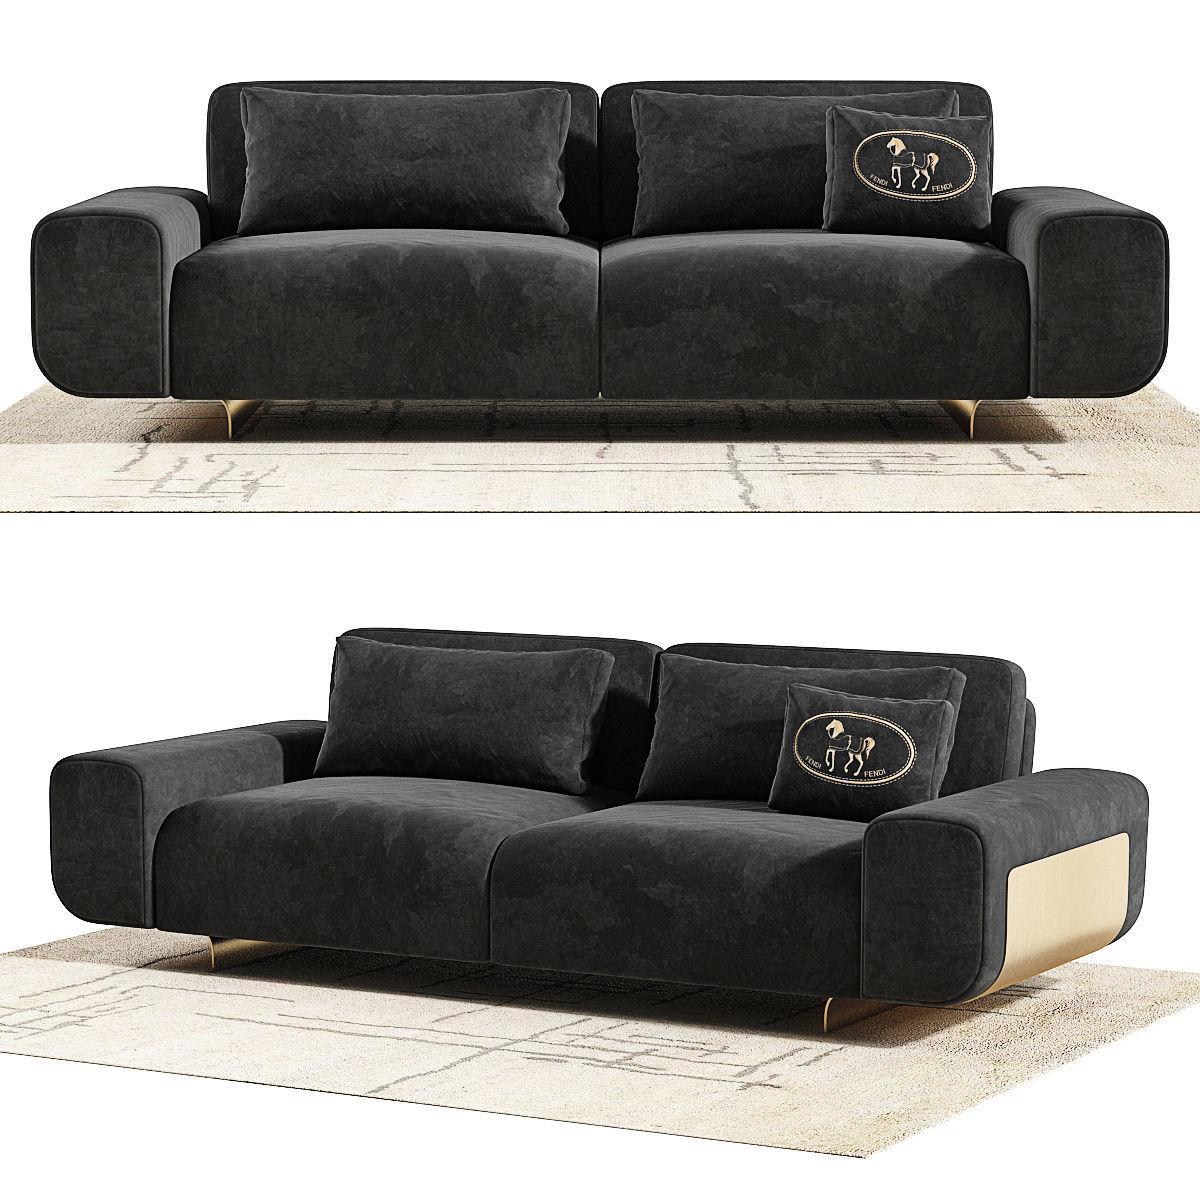 Fendi Casa Camelot Sofa Model Max Obj Mtl Fbx Unitypackage Prefab 4